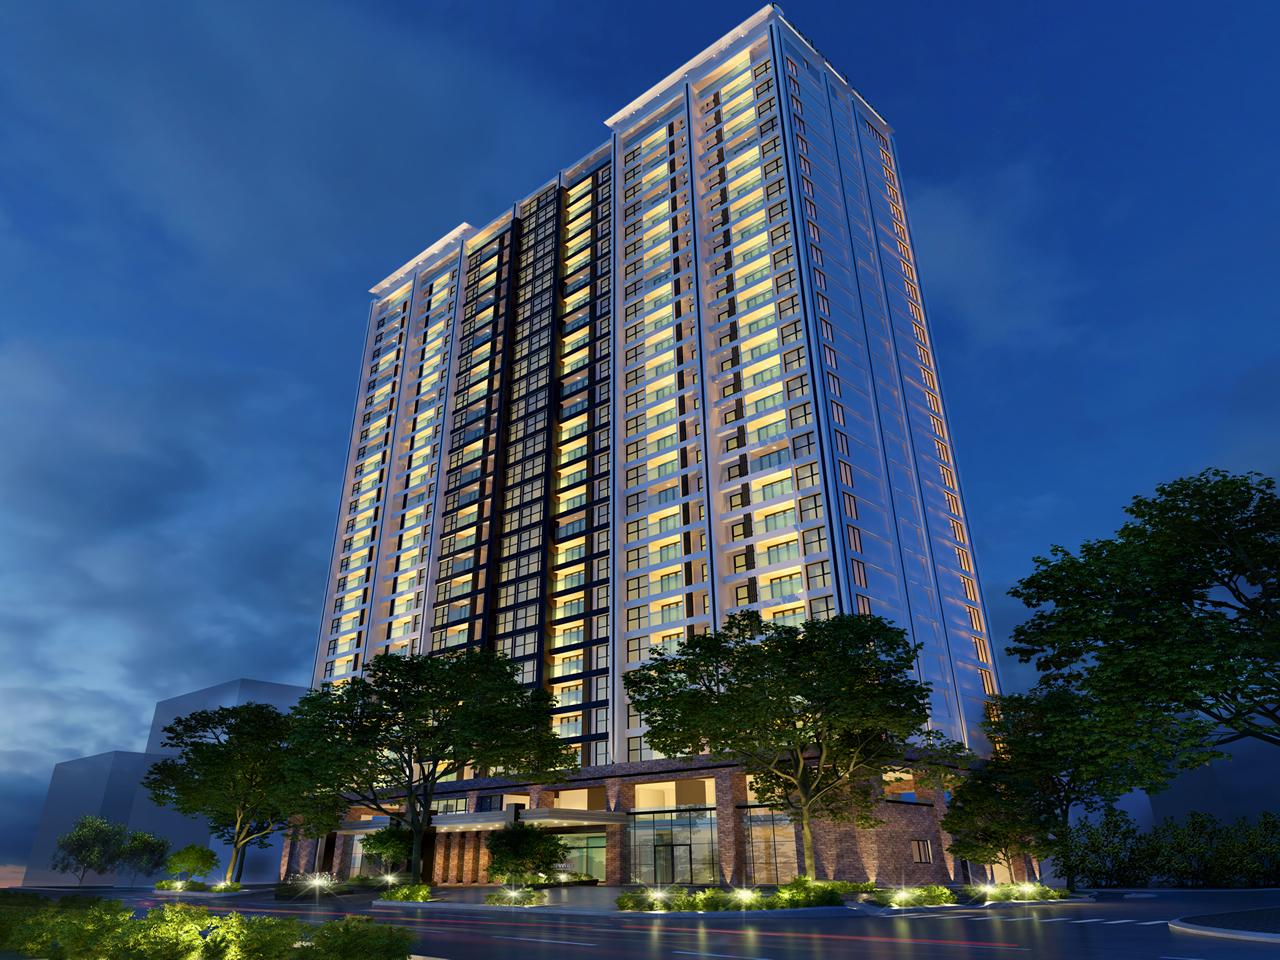 Phoi canh can ho Hiyori Garden Tower